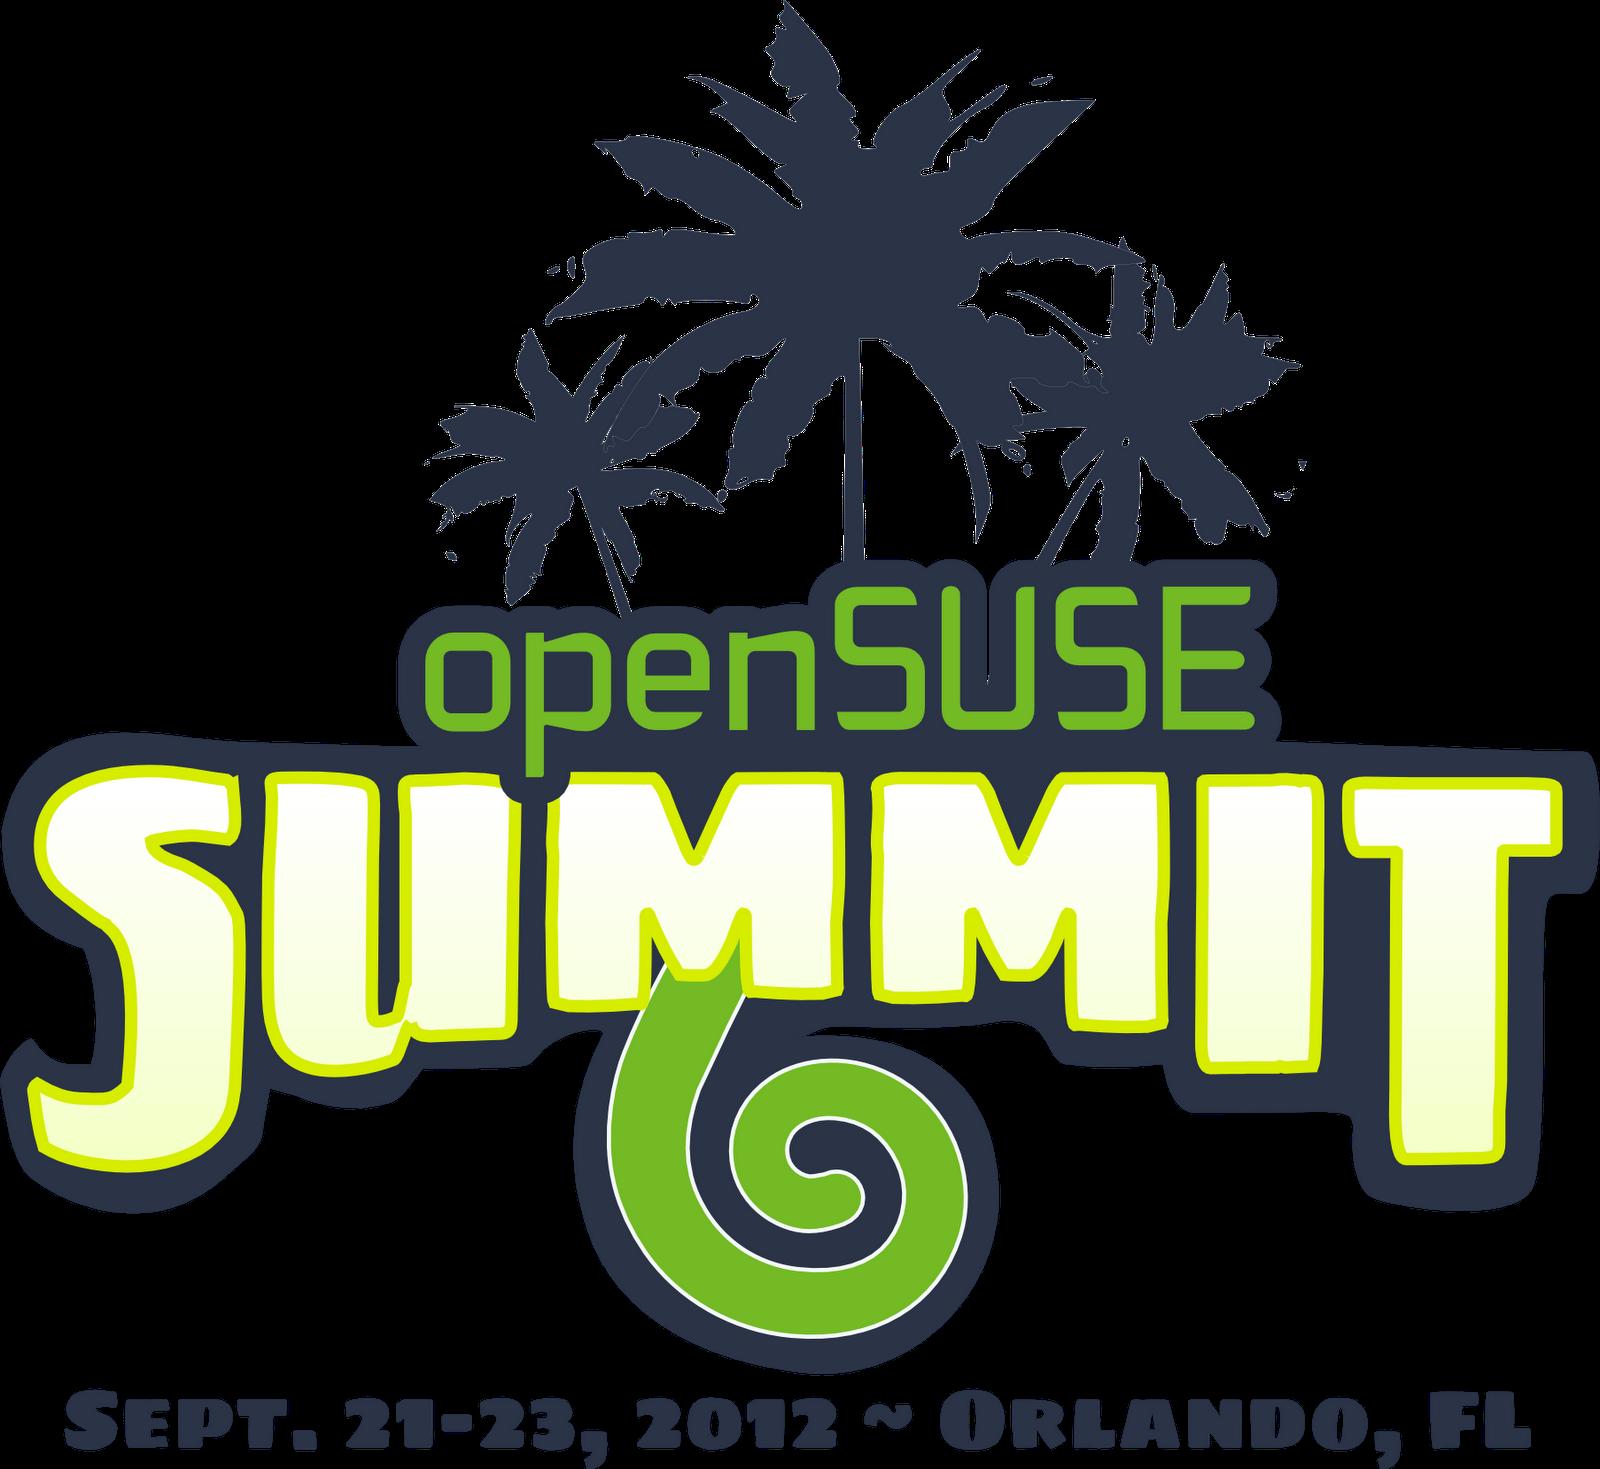 Opensuse Wallpaper: OpenSUSE Revolution: OpenSUSE Summit Logo